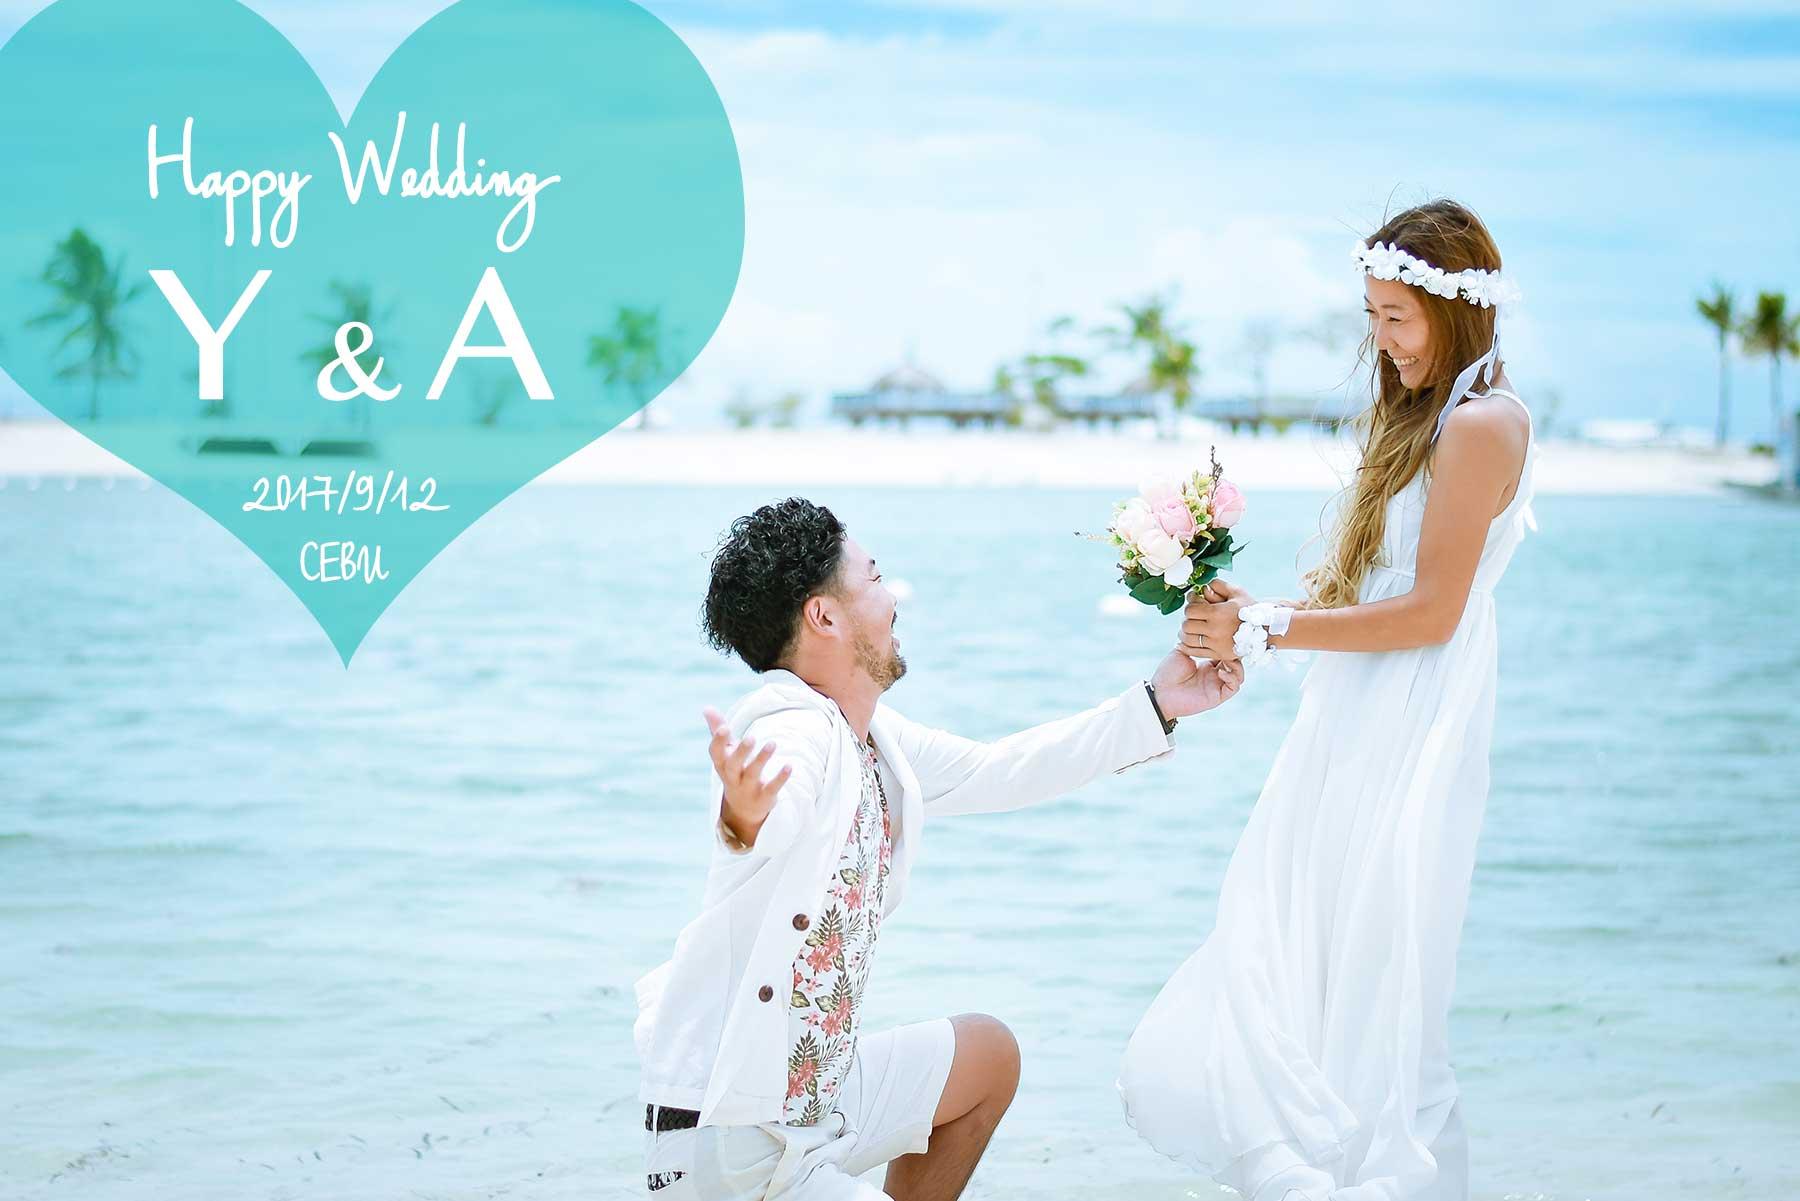 セブ島ブルーウォーターで写真だけの結婚式